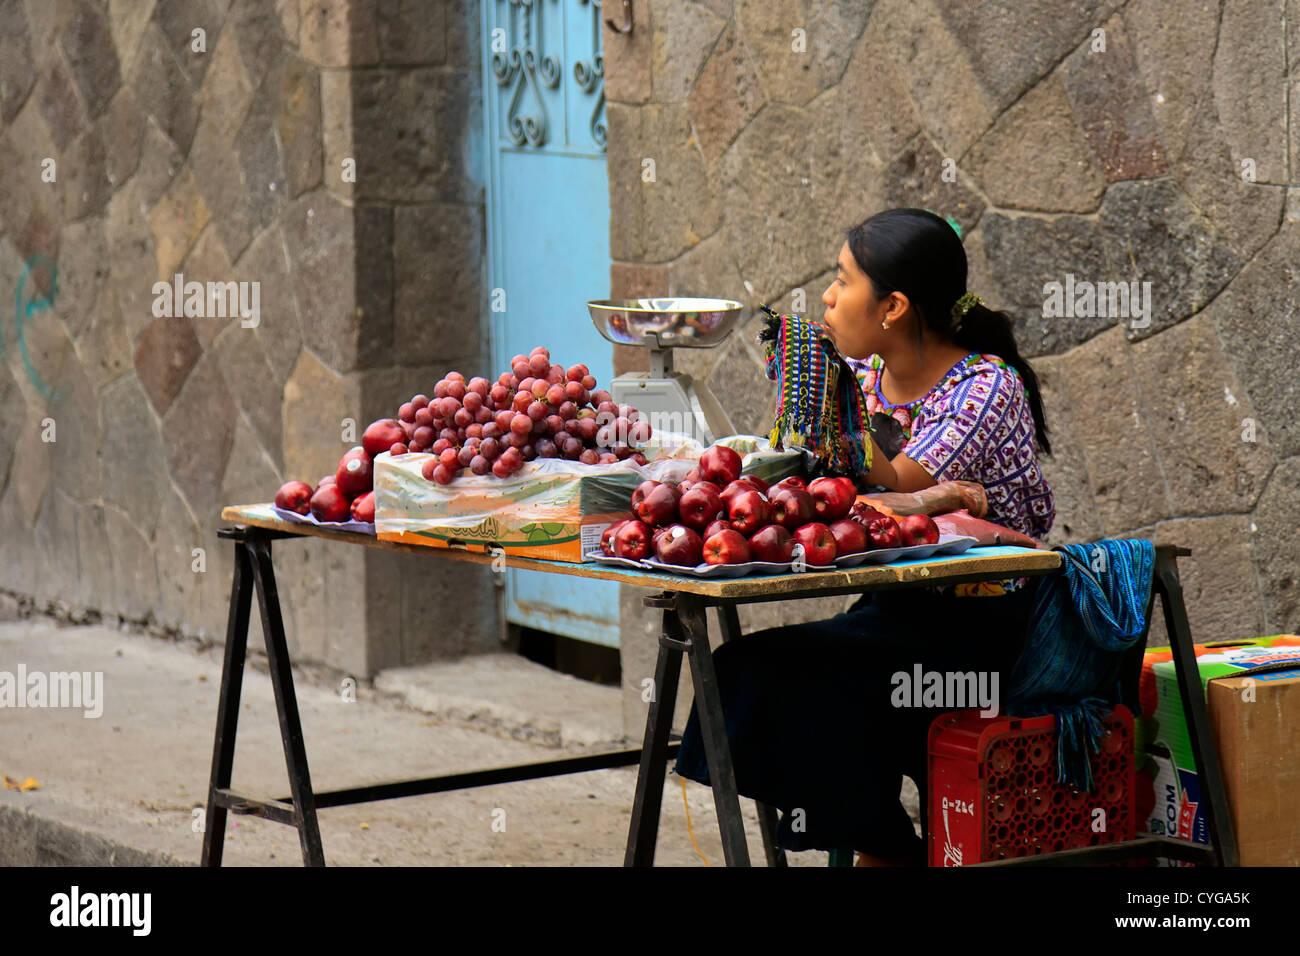 Woman selling fruit in Santiago Atitlan, Lake Atitlan, Guatemala - Stock Image